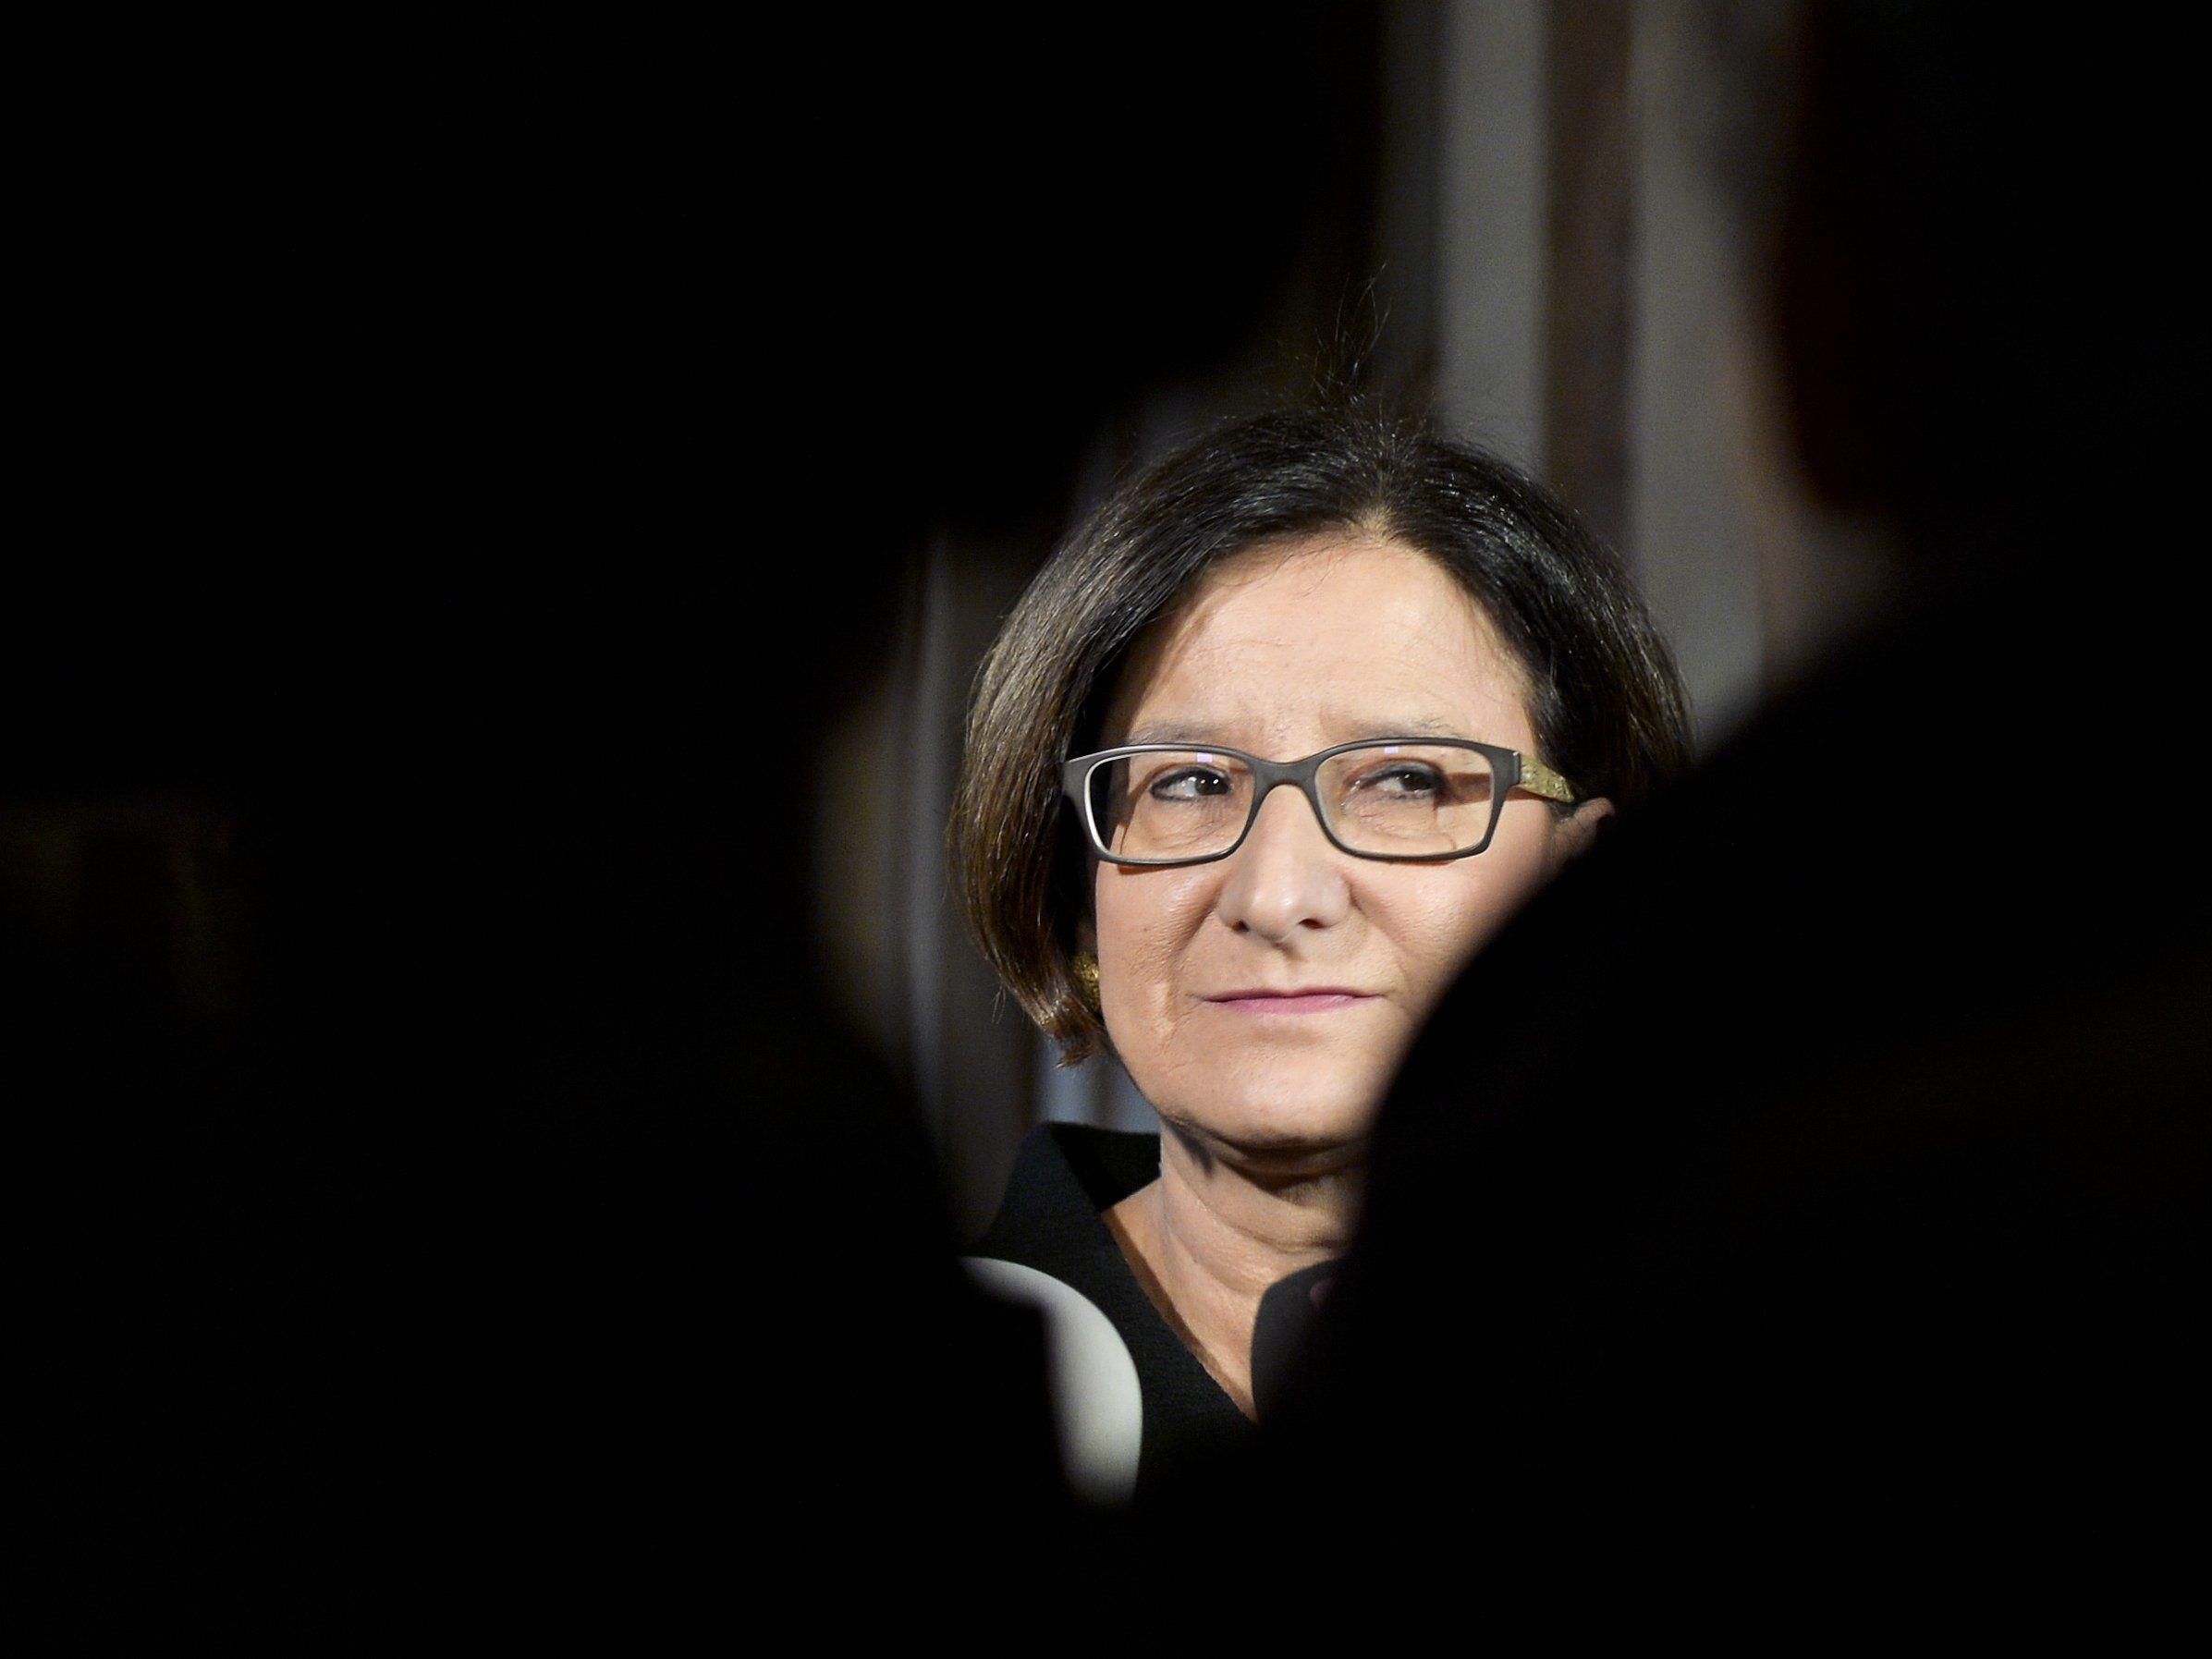 Nach den Anschlägen von Paris hat der Gedanke eines Ausnahmezustands für die Innenministerin etwas.